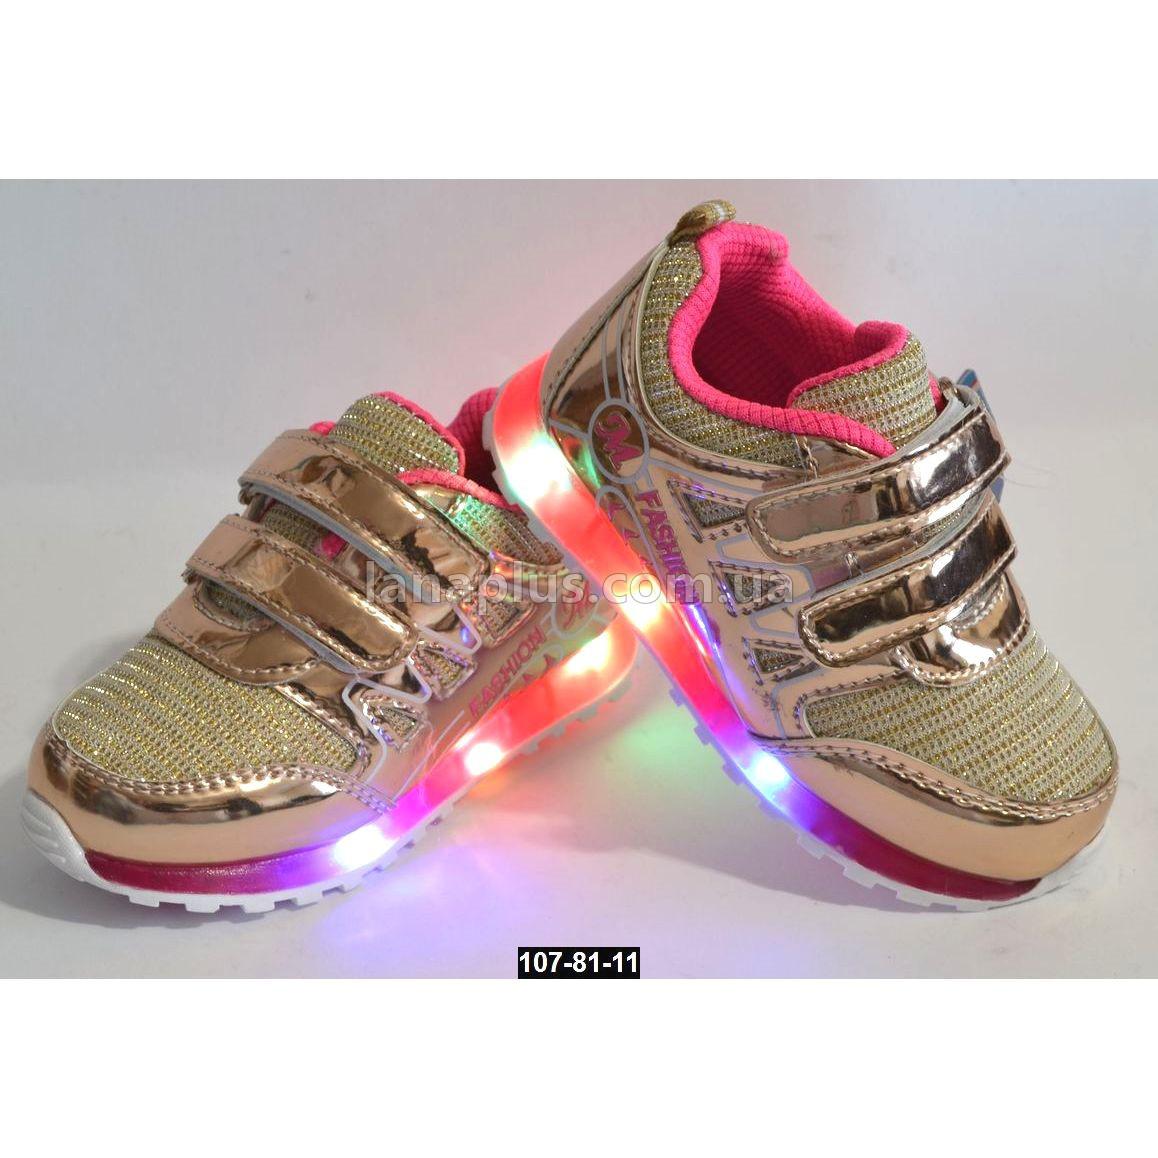 Золотые светящиеся LED кроссовки для девочки, 23-24 размер, с мигалками, супинатор